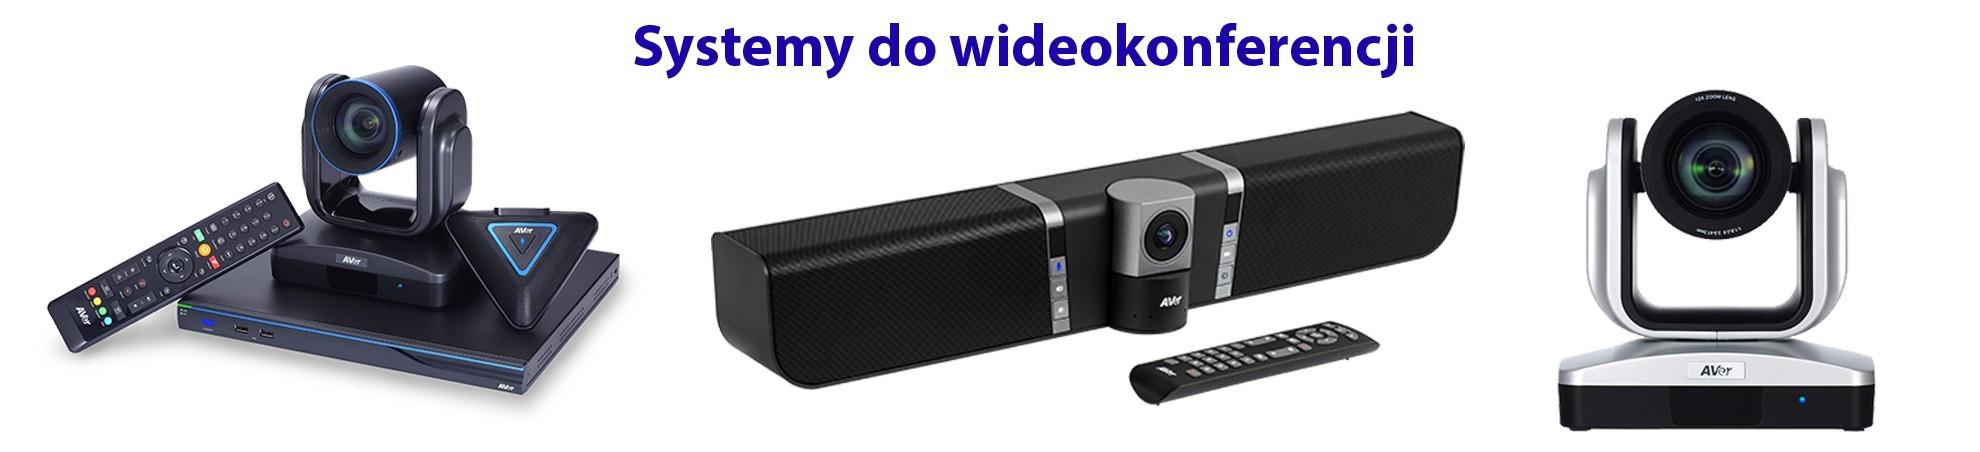 Systemy do wideokonferencji